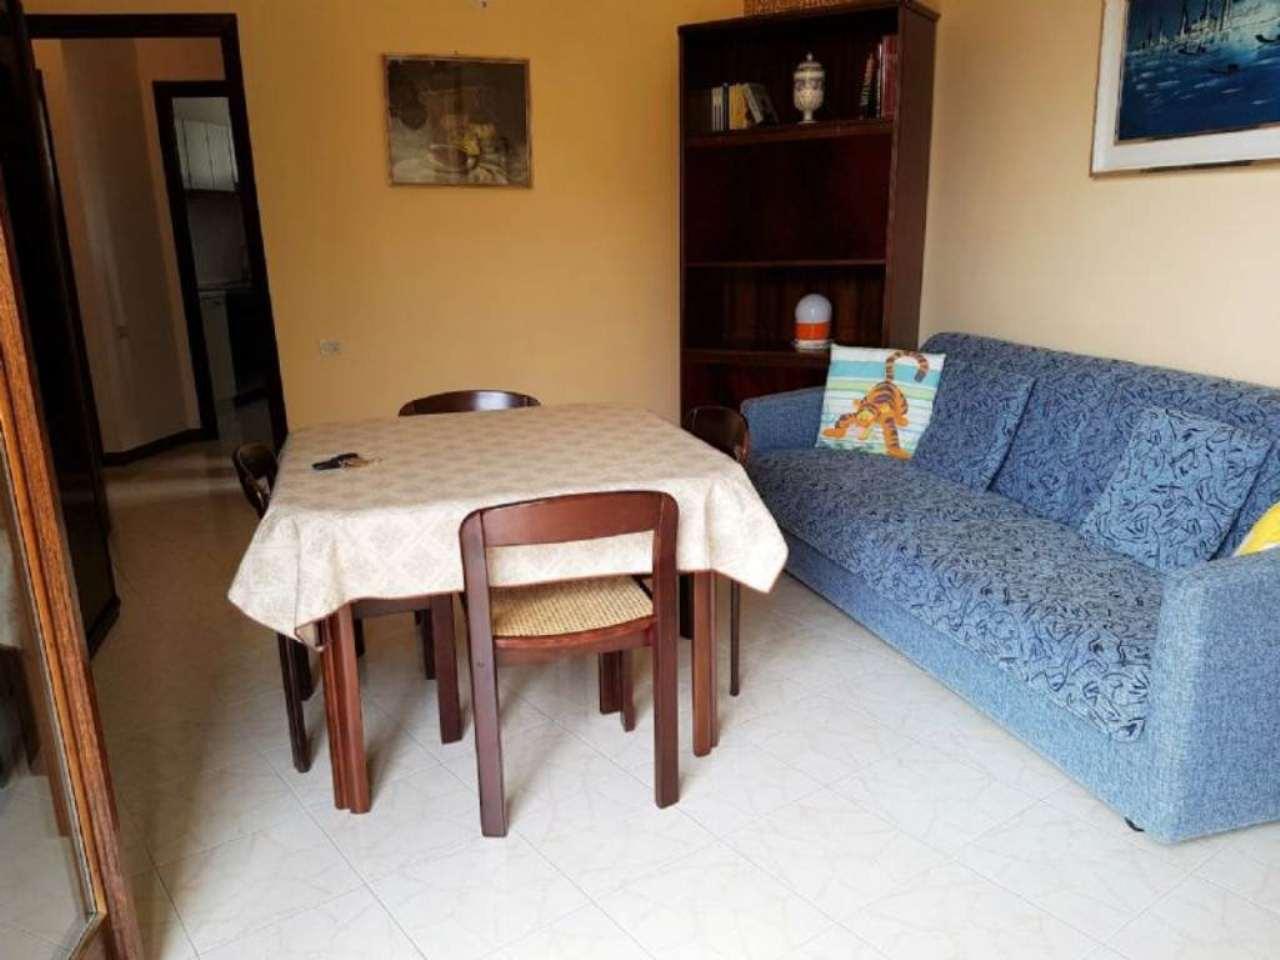 Appartamento in Vendita a Celle Ligure: 3 locali, 60 mq - Foto 3